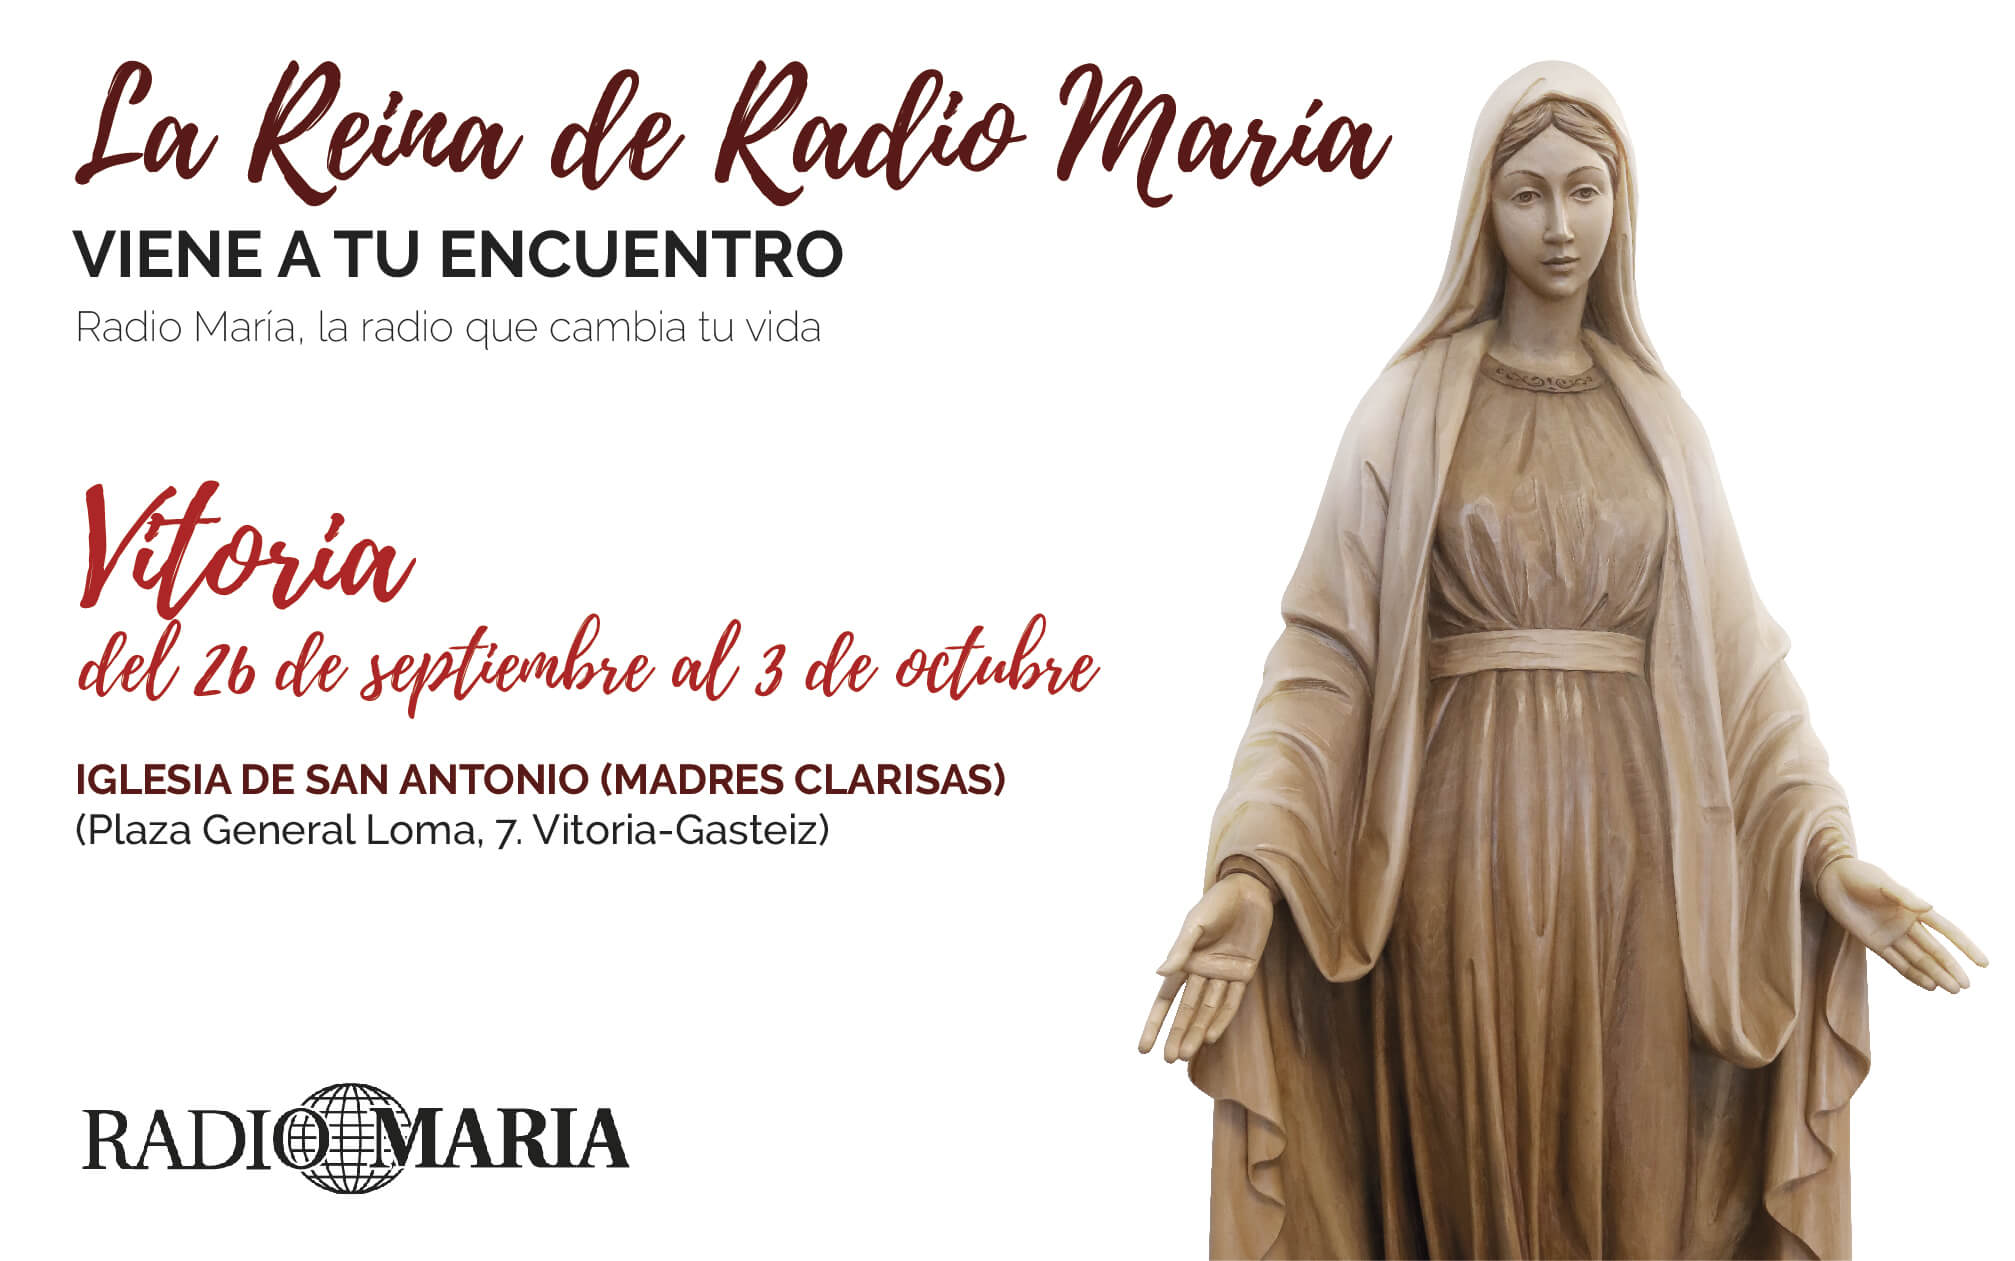 La Reina de Radio María en Vitoria